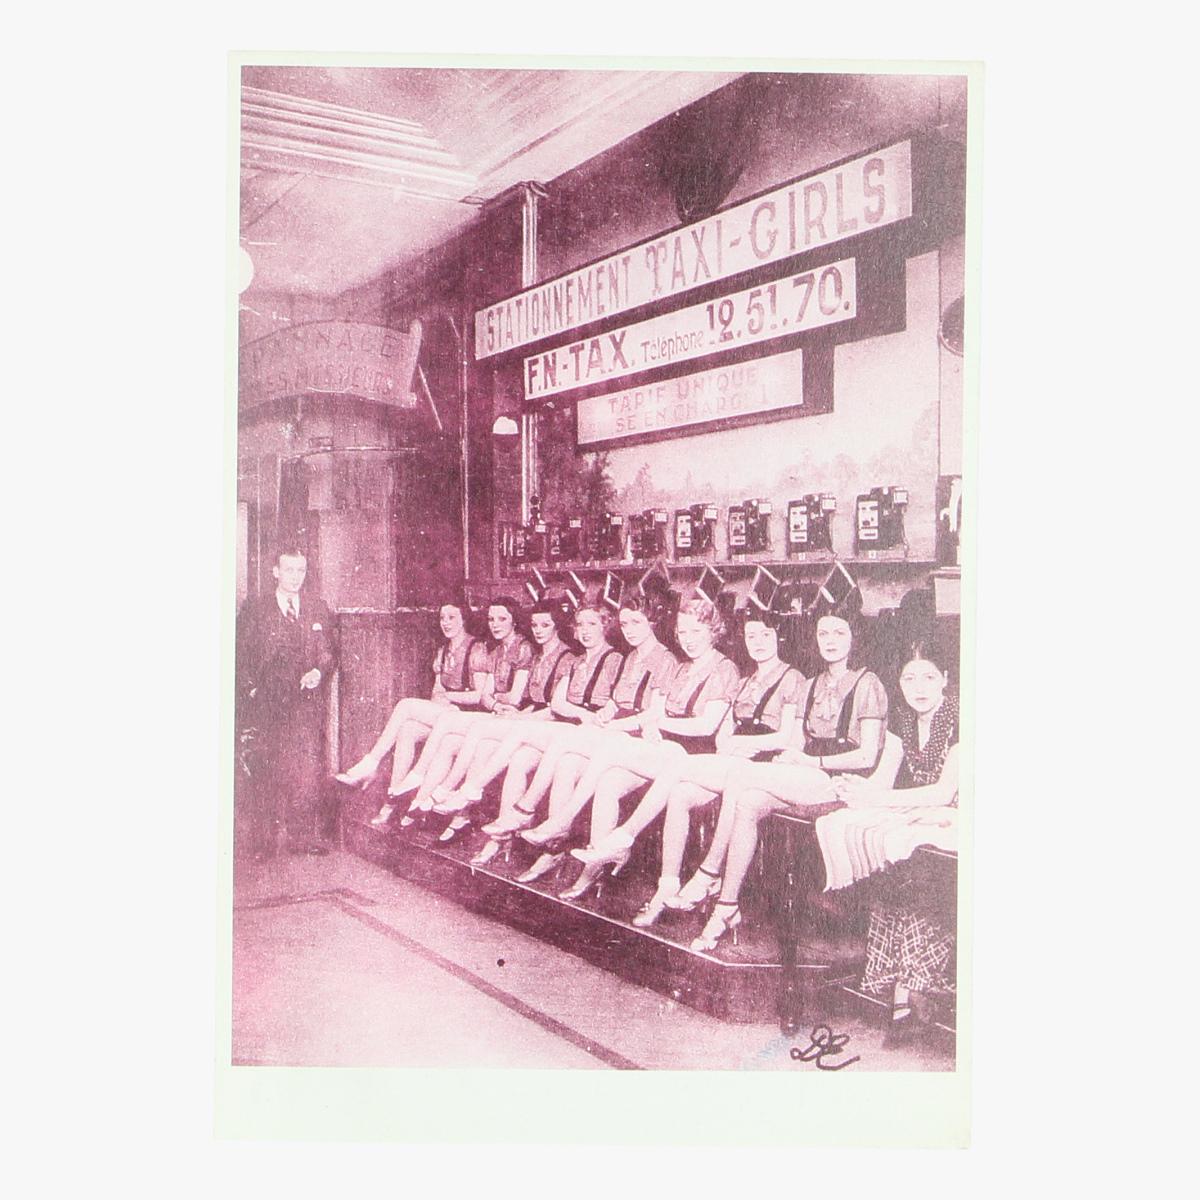 Afbeeldingen van postkaart taxi girls